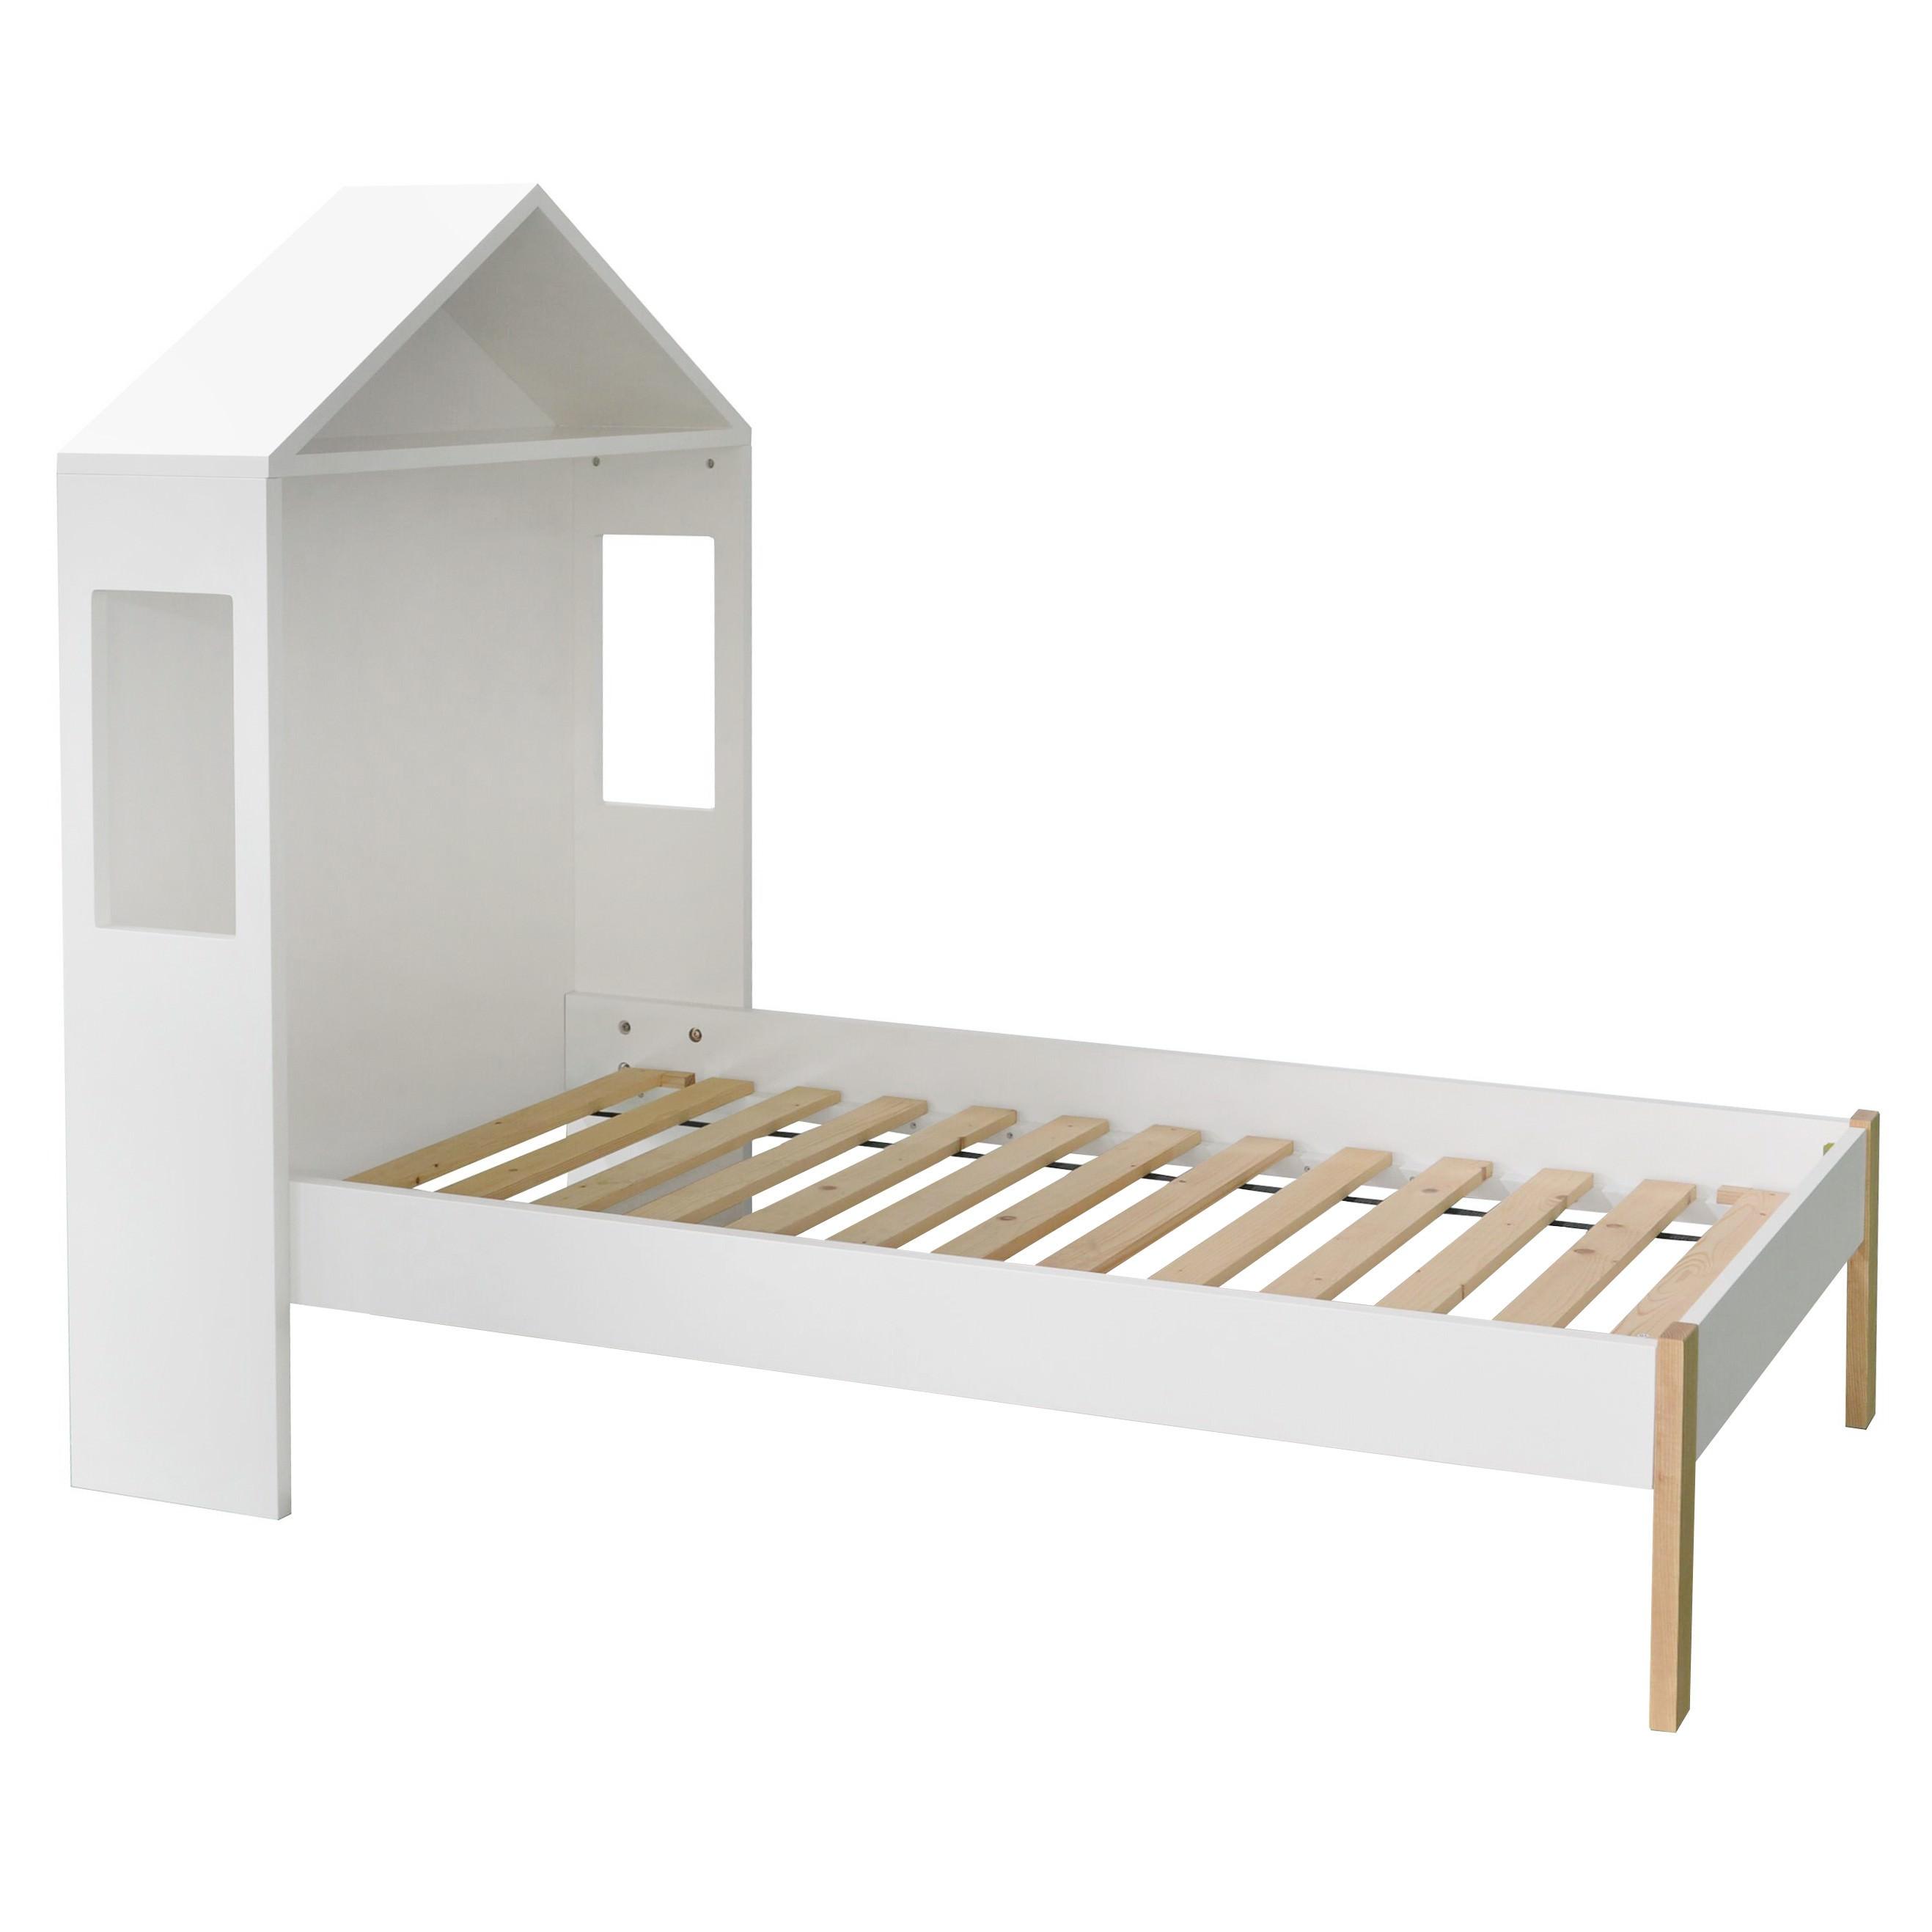 Honiton Arbor Bed, King Single